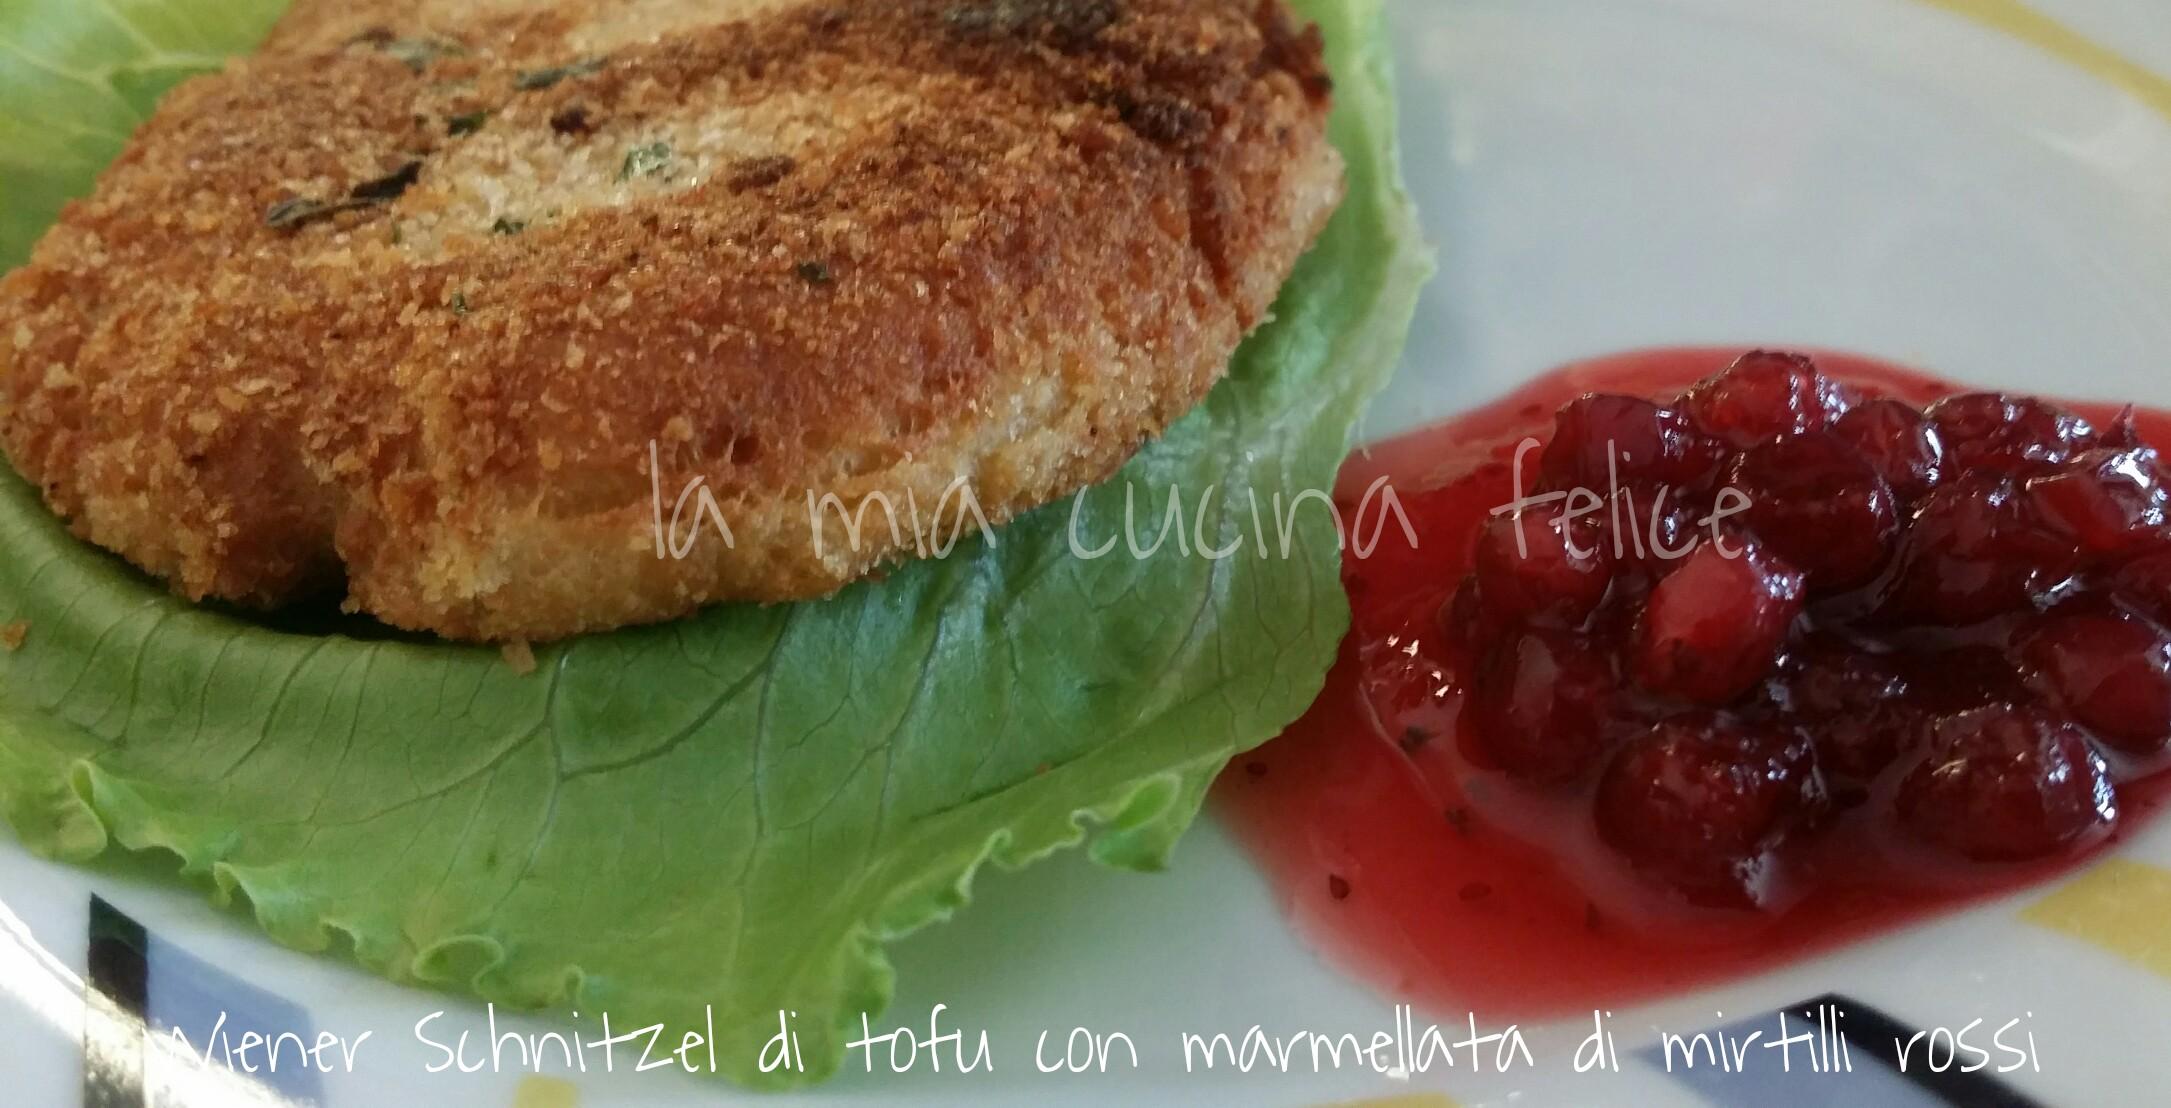 Wiener Schnitzel di tofu con marmellata di mirtilli rossi 3